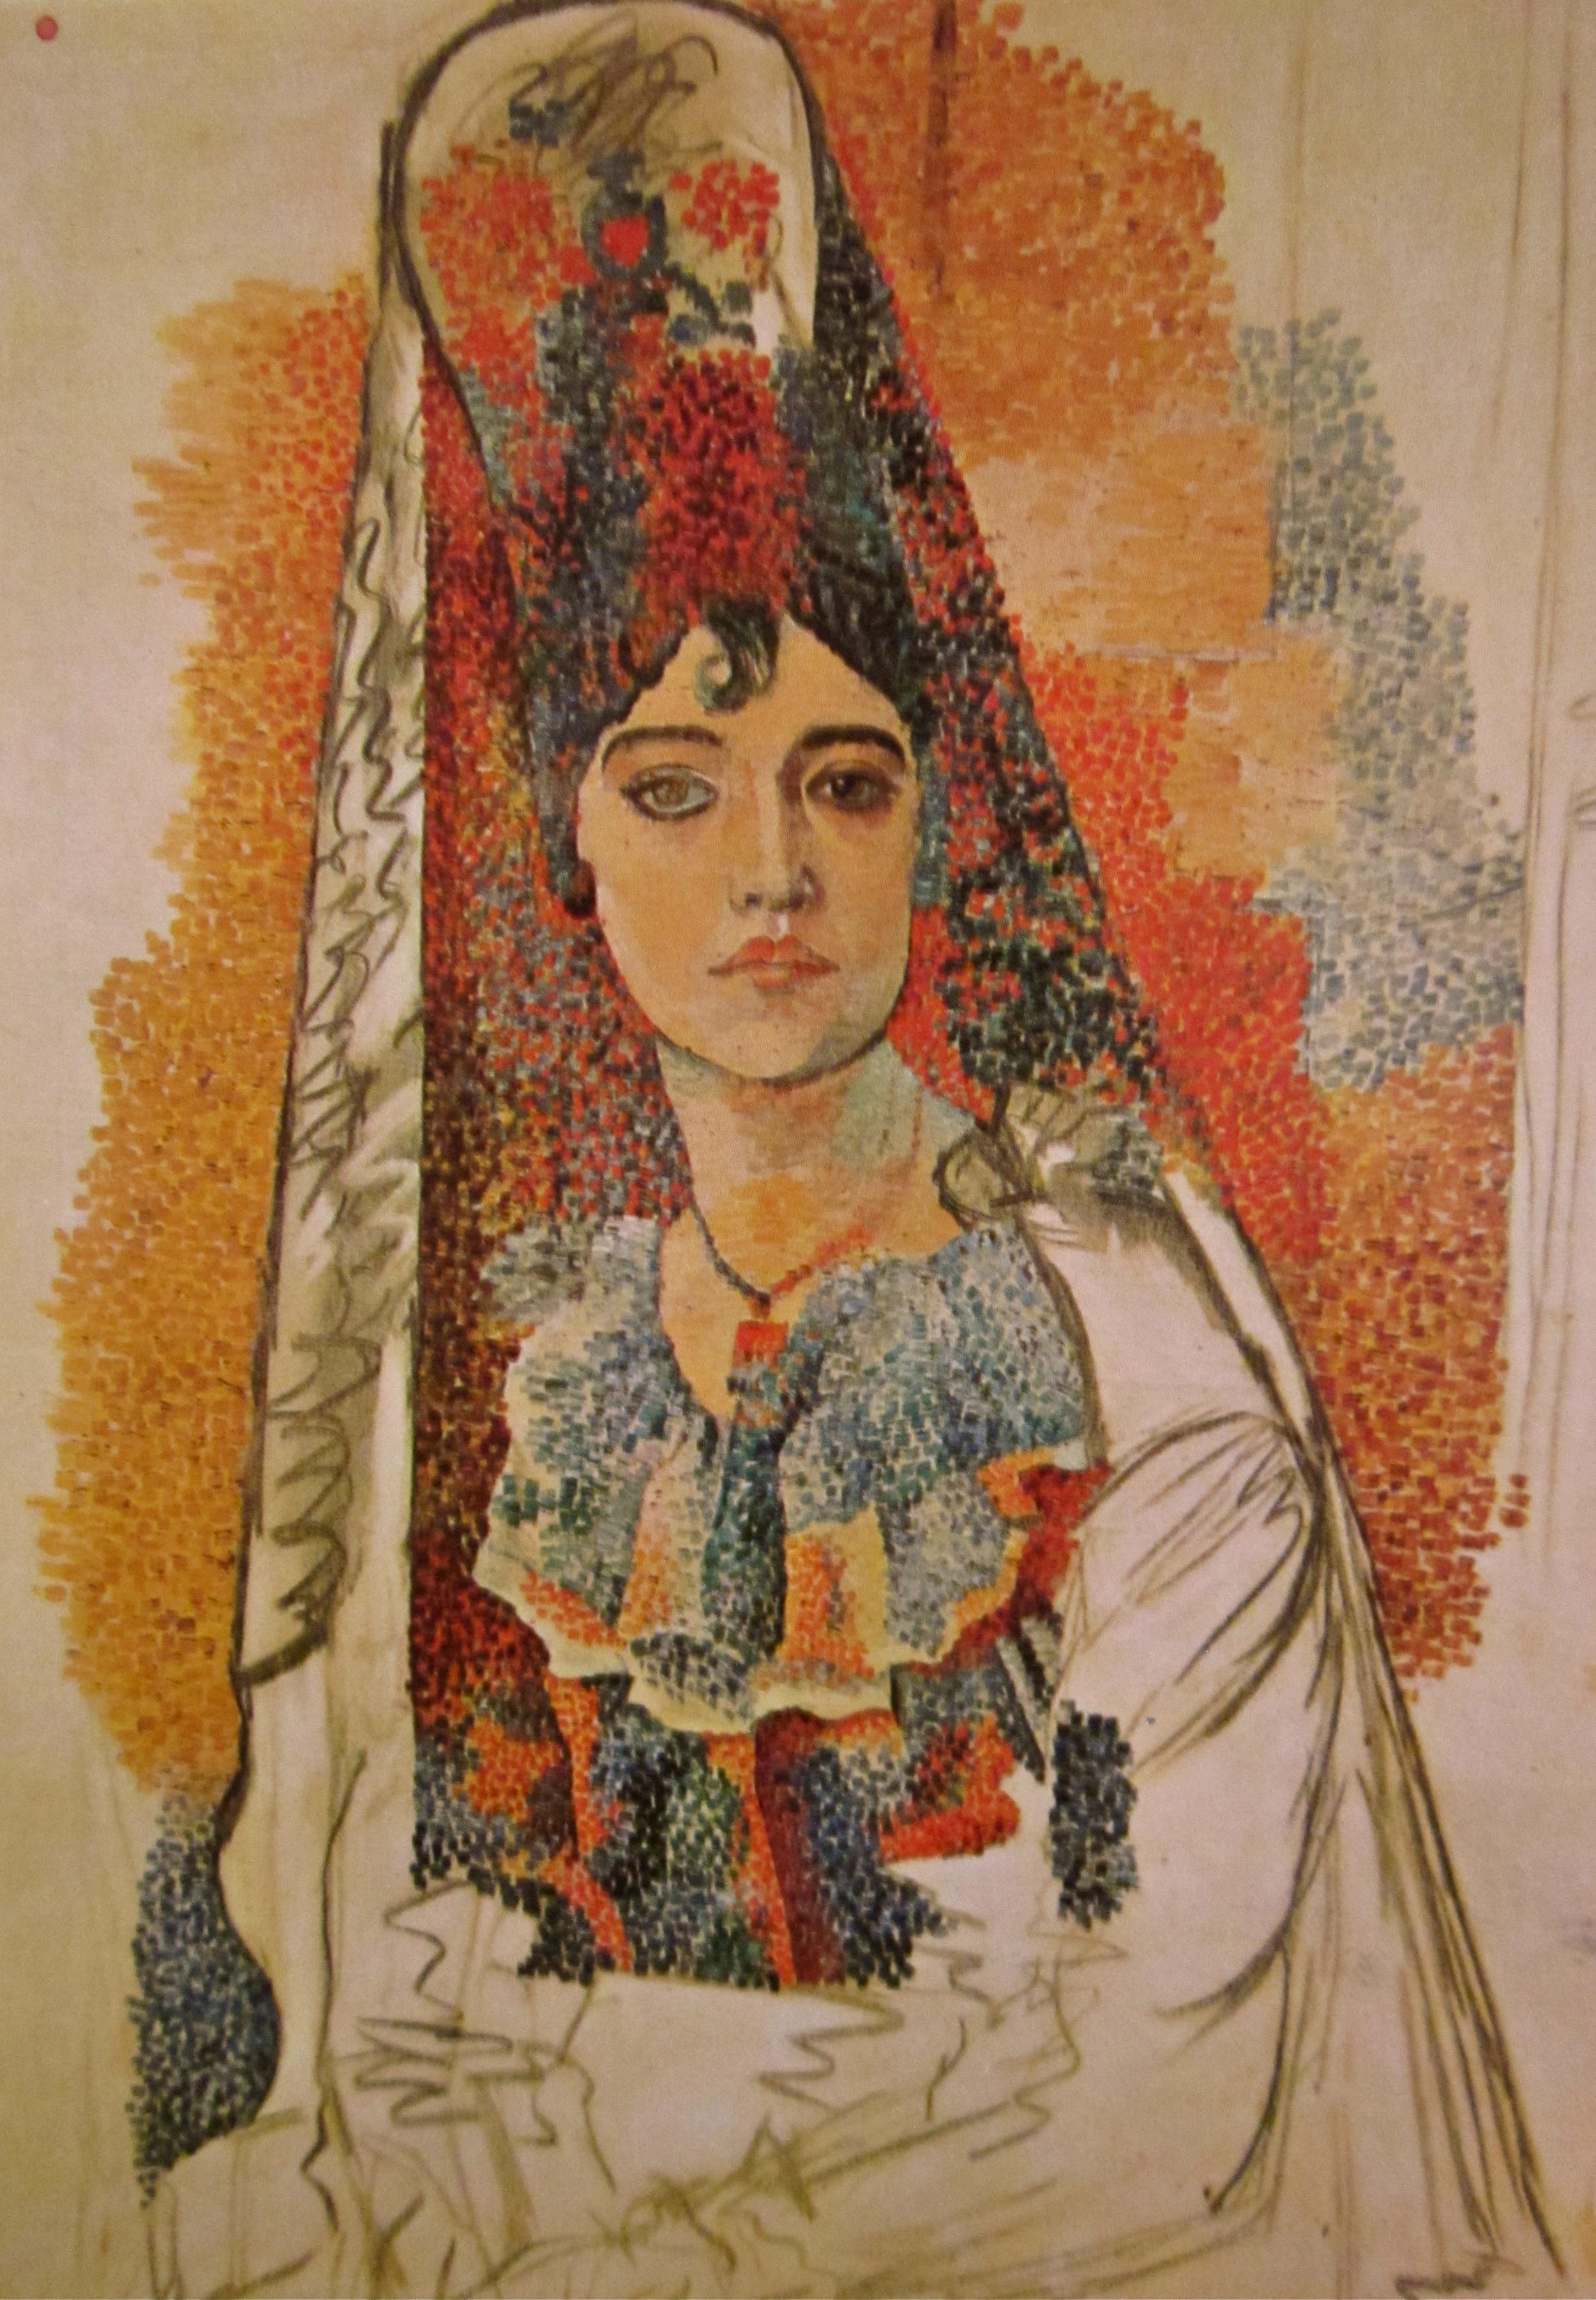 La Salchichona 1917 — Picasso       Museu Picasso, Barcelona, Spain